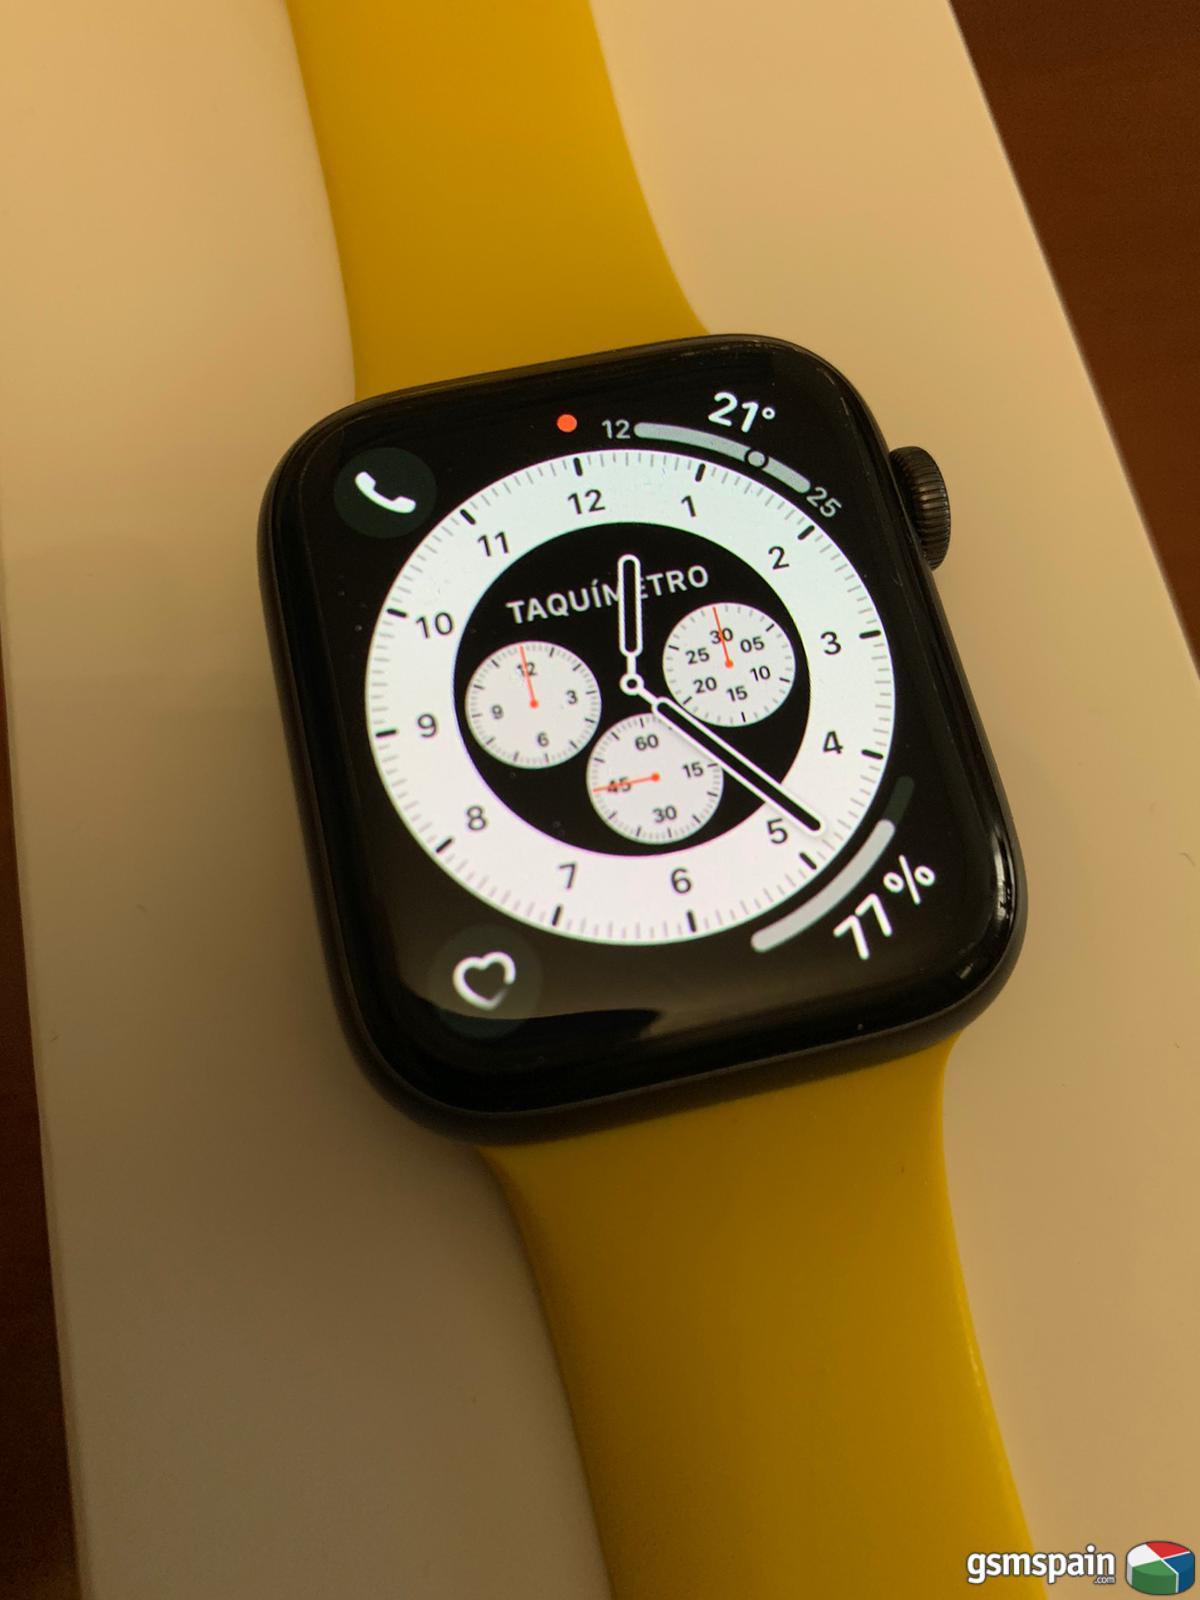 [VENDO] Apple Watch serie 4 gps